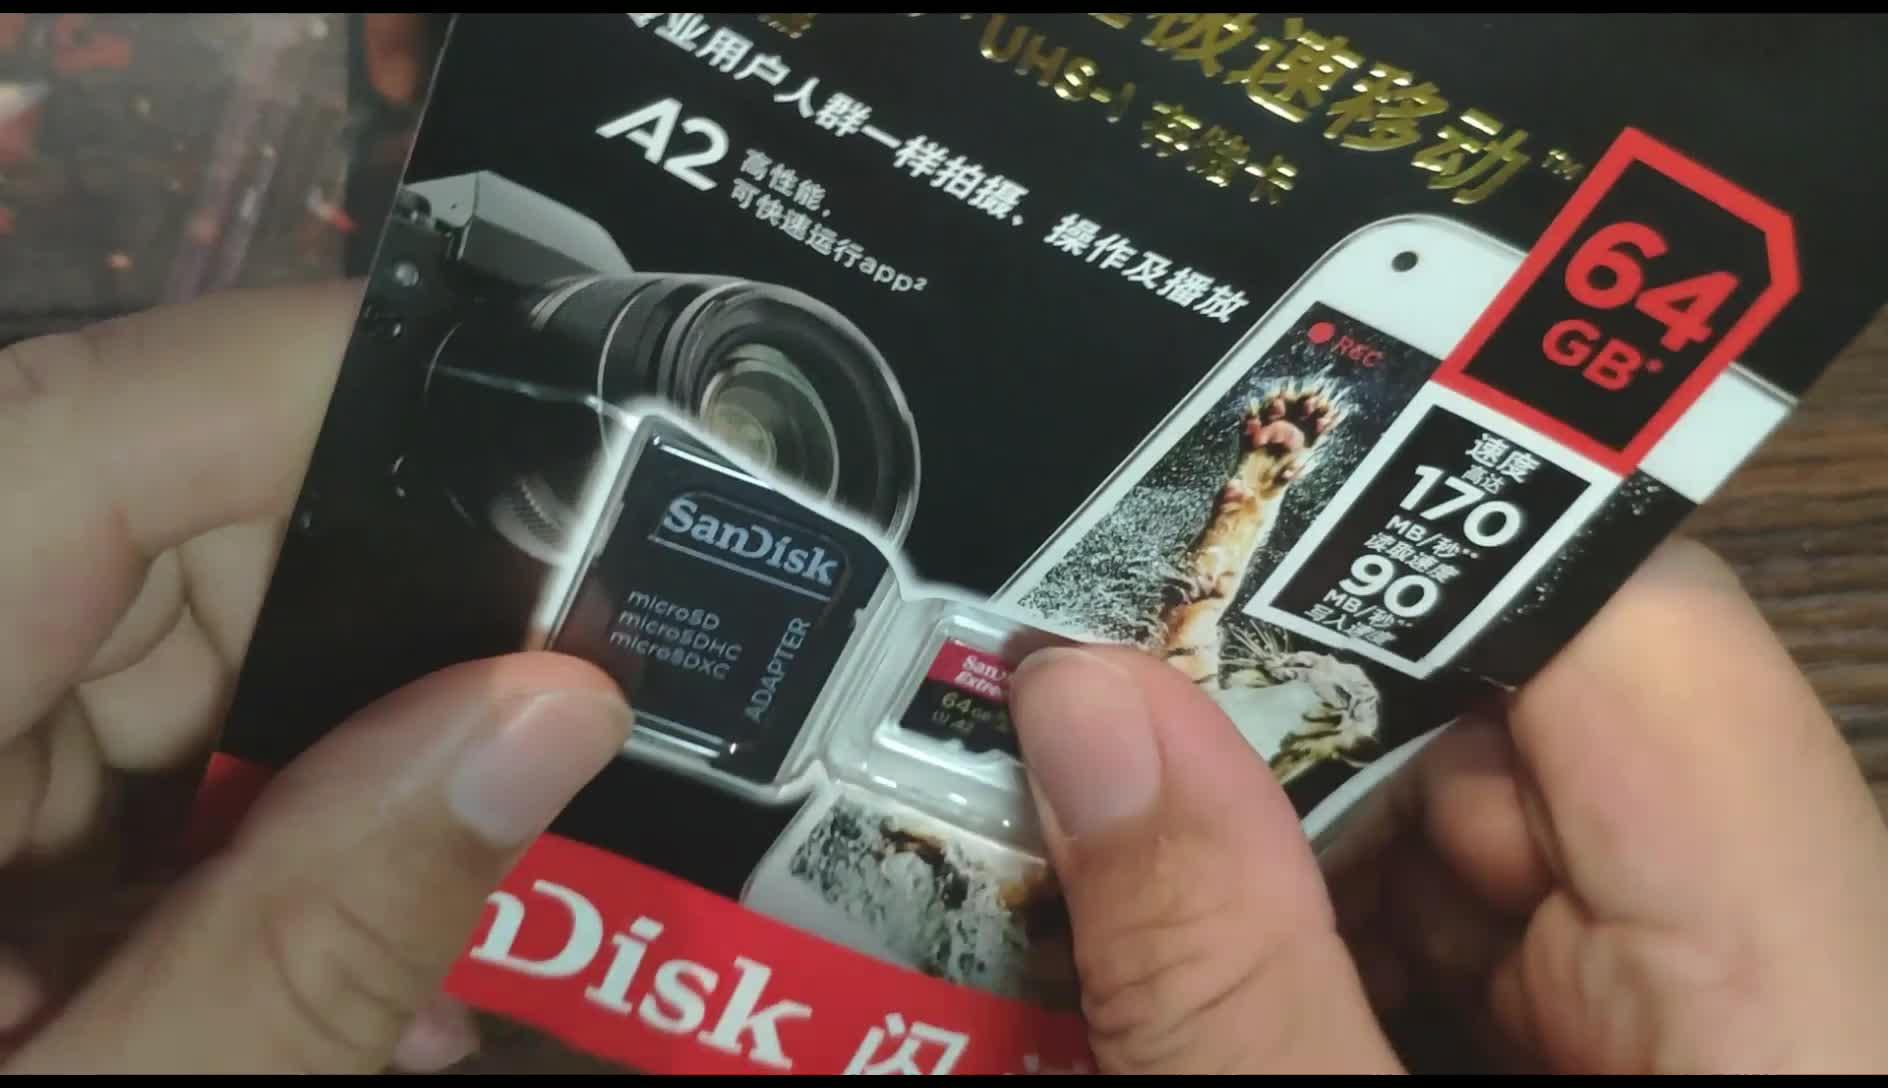 攀哥开箱评测闪迪64G内存卡读写速度